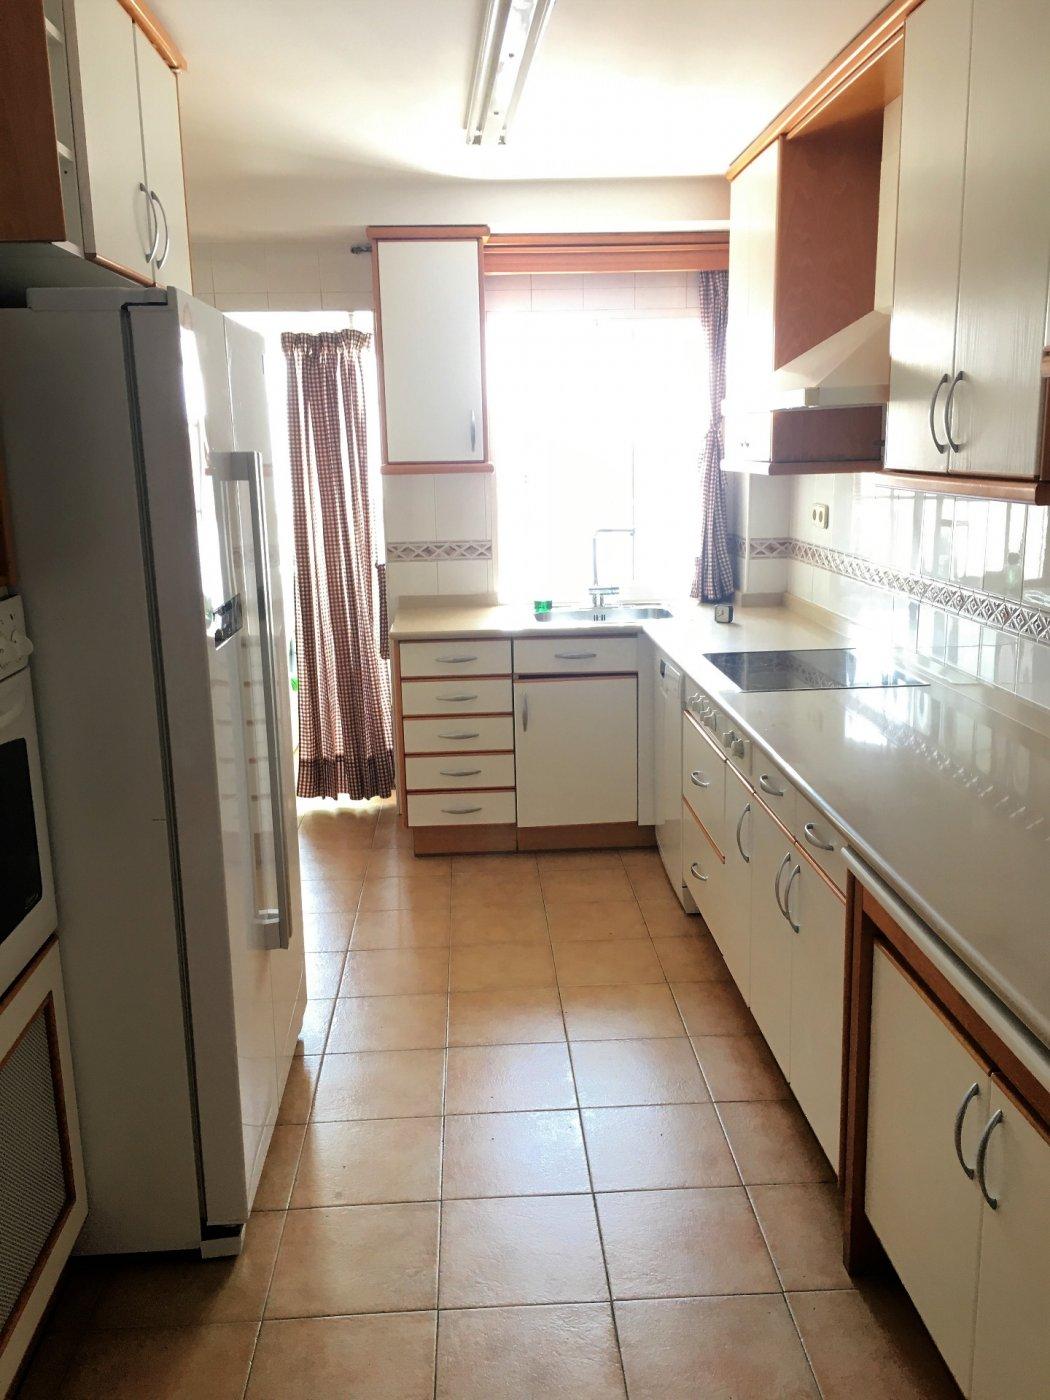 Alquiler de piso en madrid - imagenInmueble17